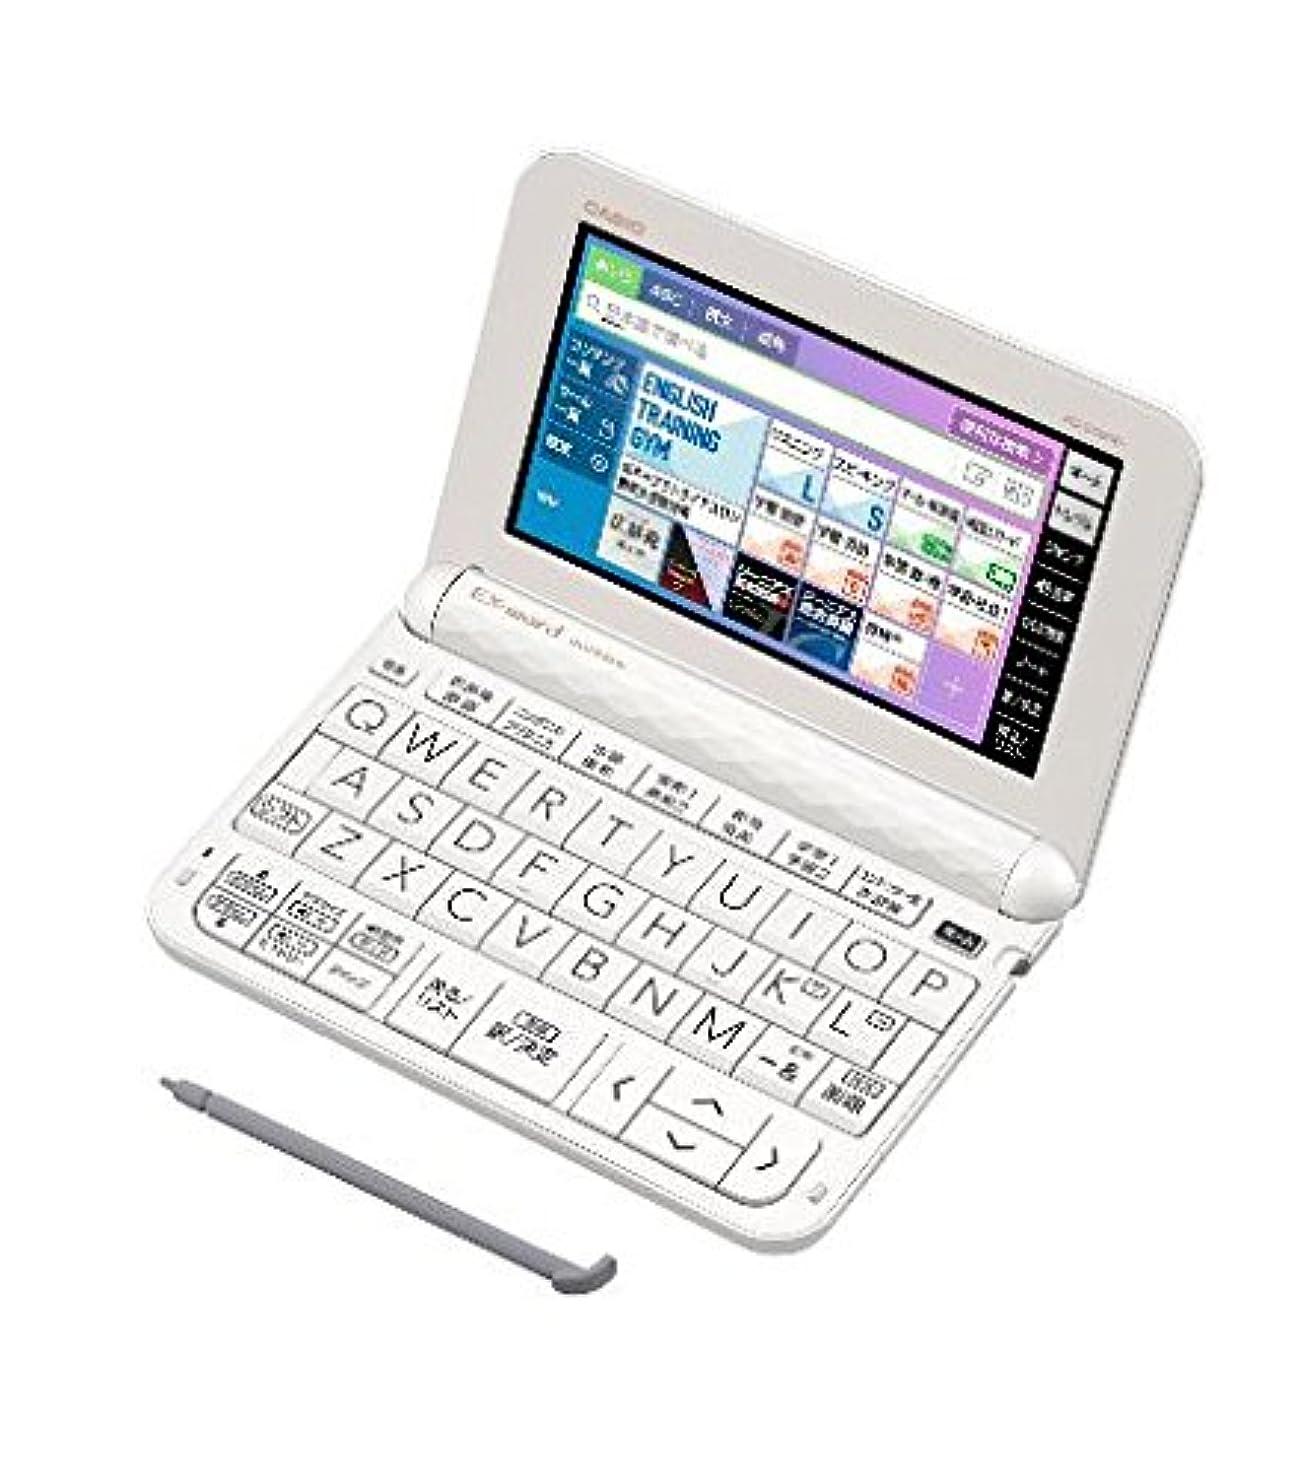 保証するスプレーメディックカシオ エクスワード XD-Zシリーズ 電子辞書 高校生進学校モデル 229コンテンツ収録 ホワイト XDZ4900WE